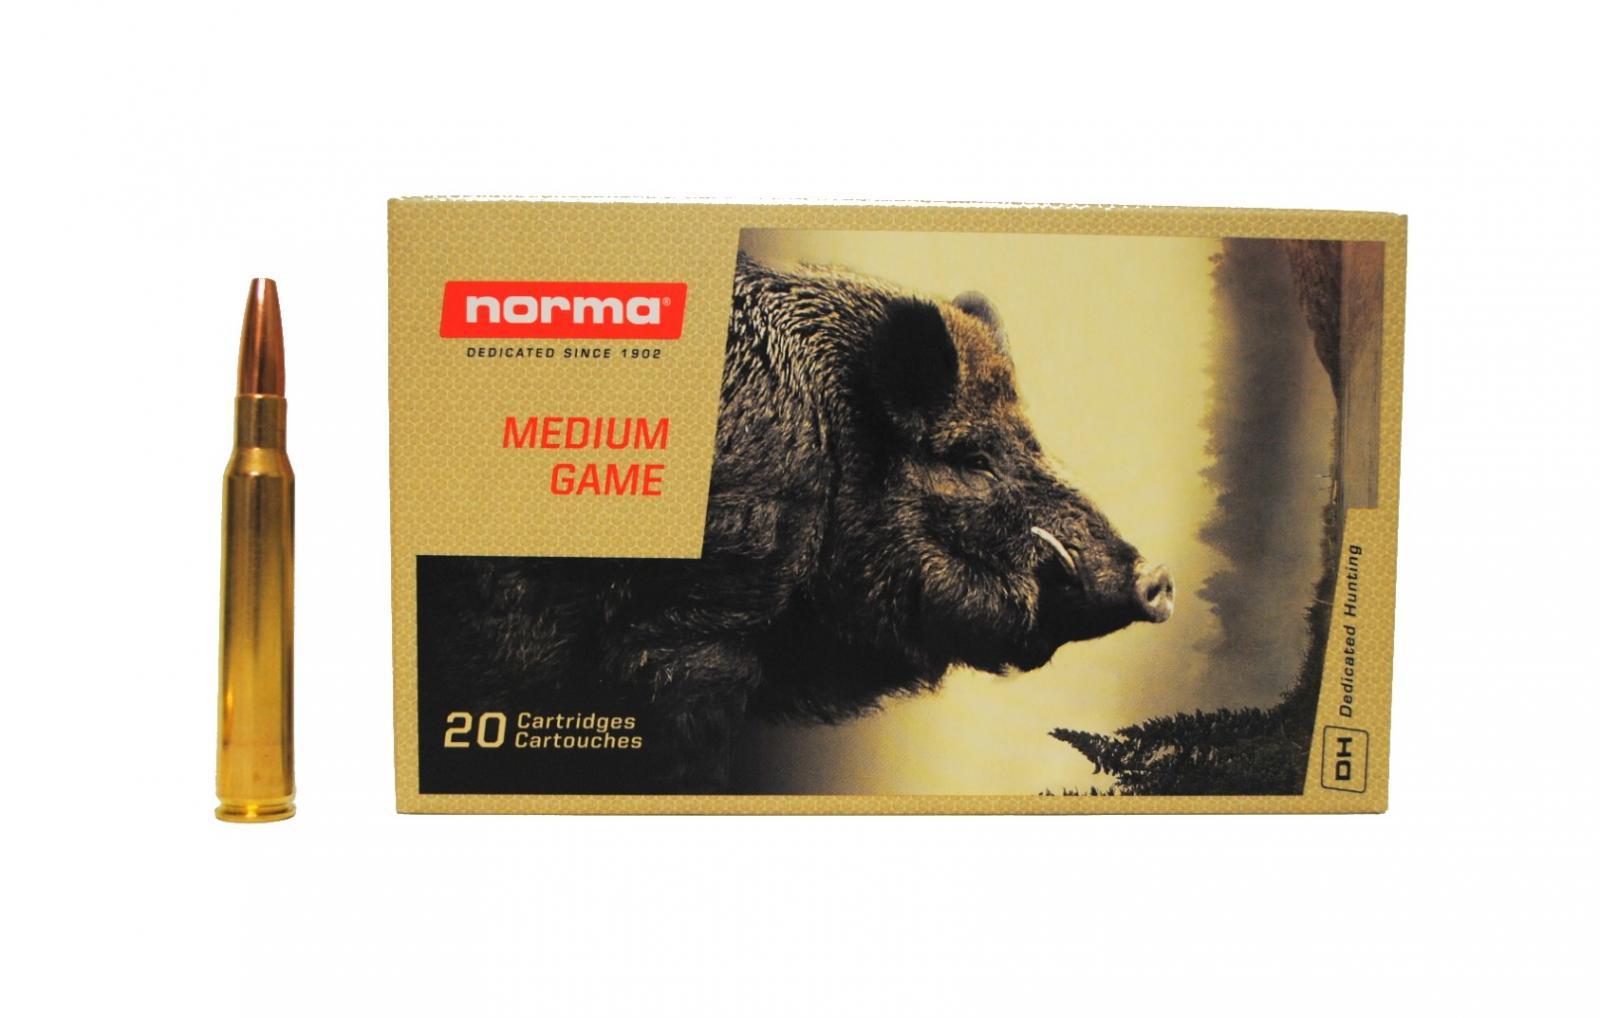 Boite de 20 cartouches  NORMA Vulkan calibre 7 x 64 N17018